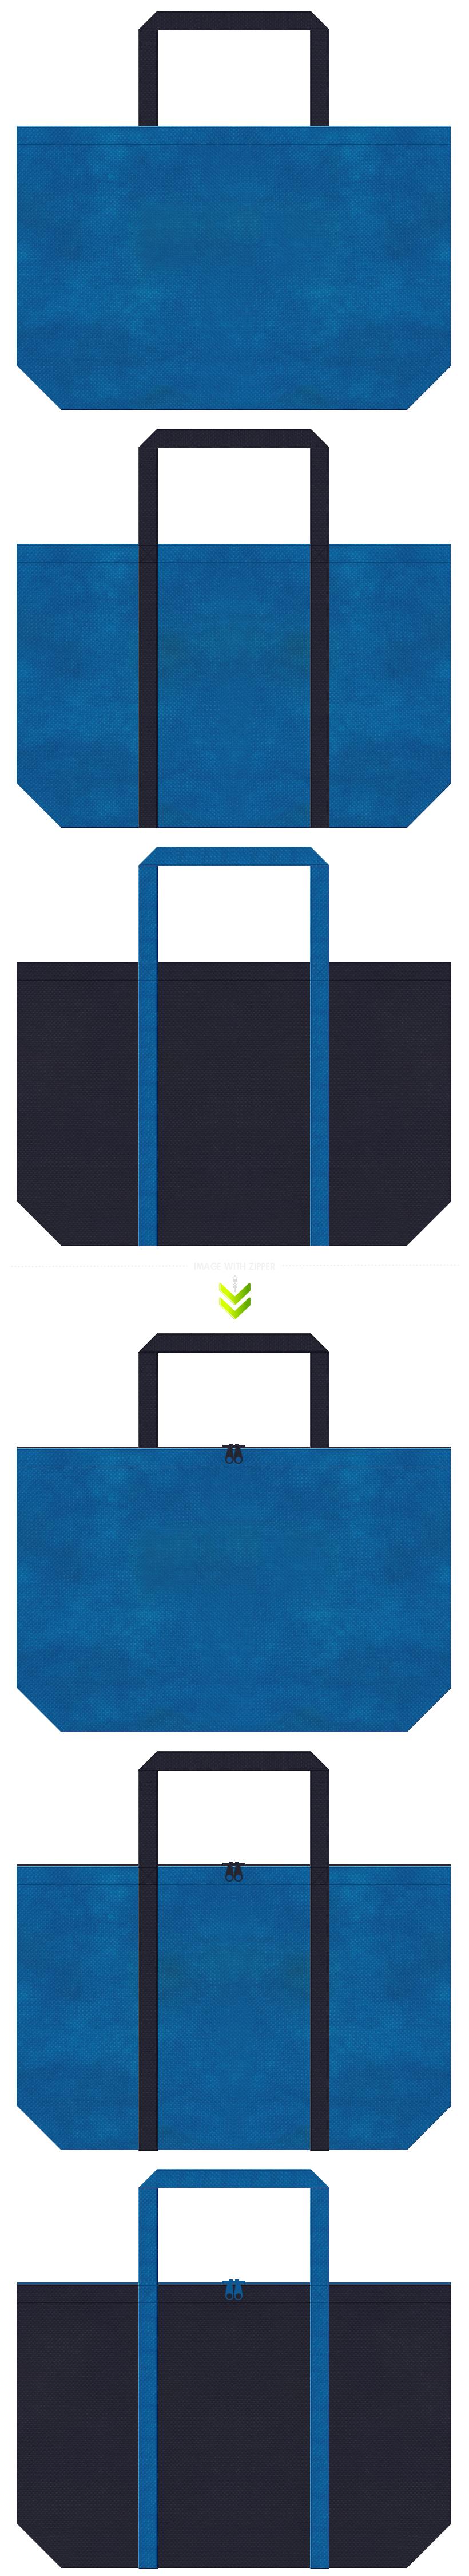 ダイビング・潜水艦・水族館・セキュリティ・防犯カメラ・ドライブレコーダー・海底・剣・光線・アリーナ・対戦型格闘ゲームの展示会用バッグにお奨めの不織布バッグデザイン:青色と濃紺色のコーデ